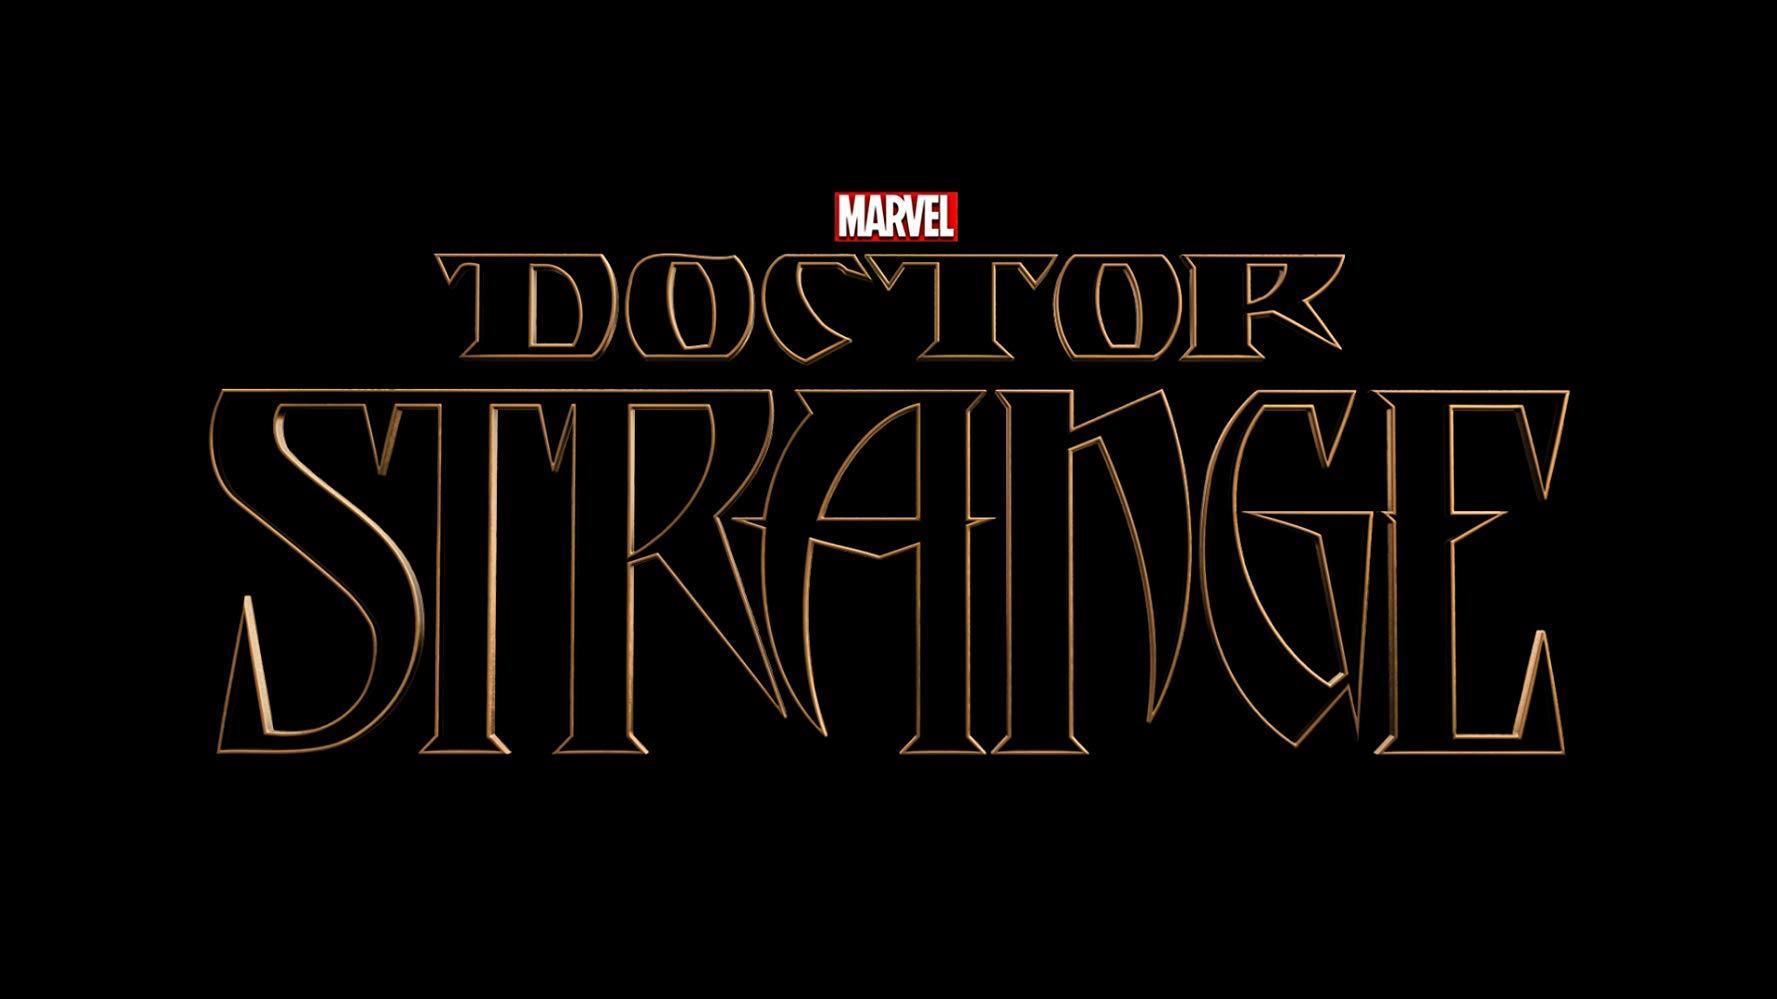 مشاهدة فيلم Doctor Strange 2016 HD مترجم كامل اون لاين